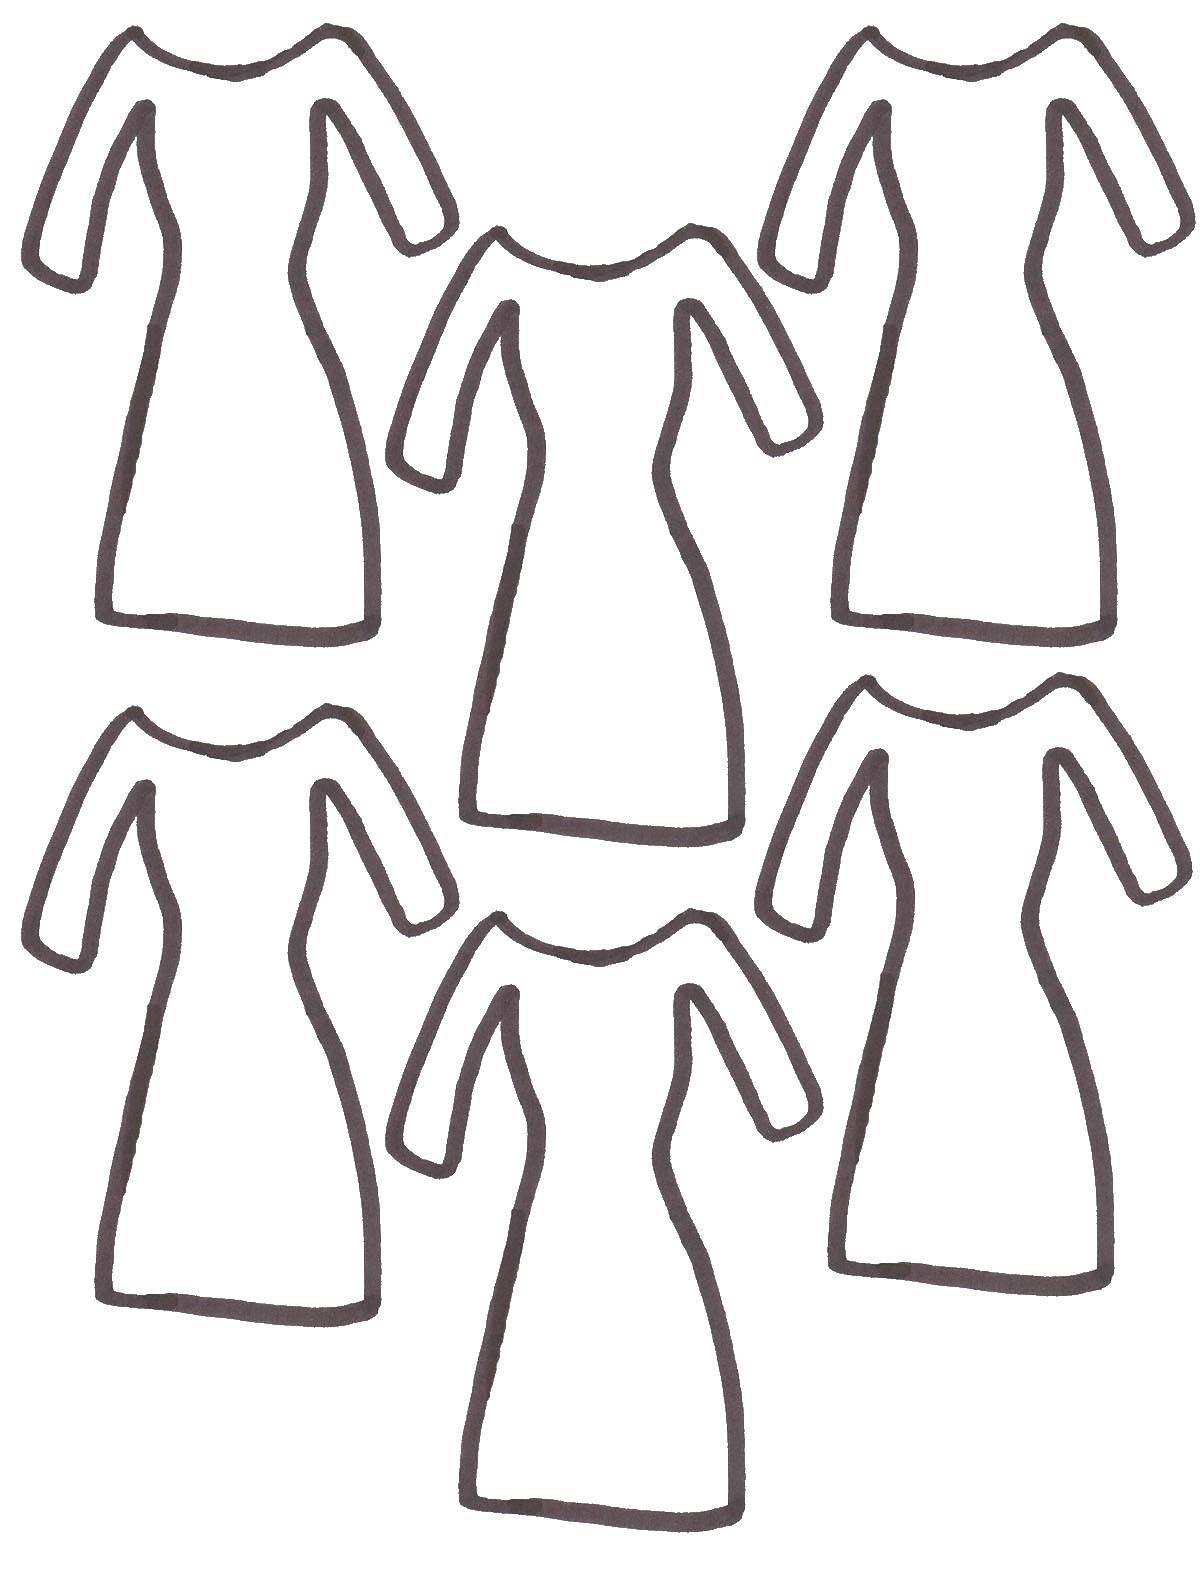 Картинка платья для аппликации